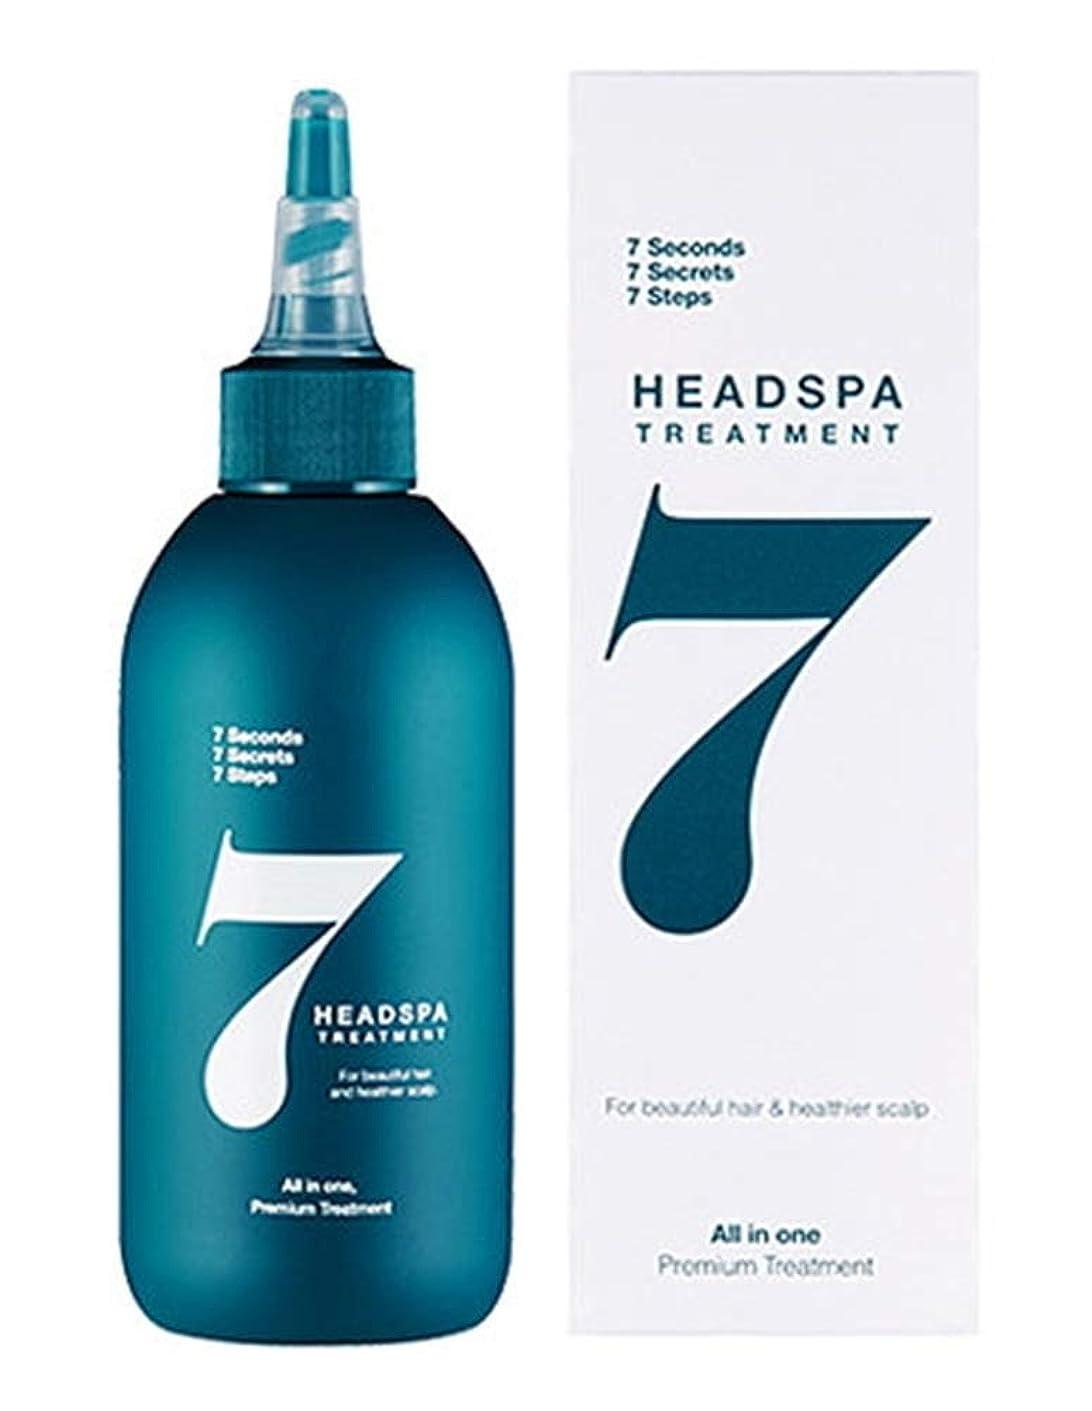 絶滅させる署名見物人Head Spa 7 treatment 200ml (脱毛トリートメント)